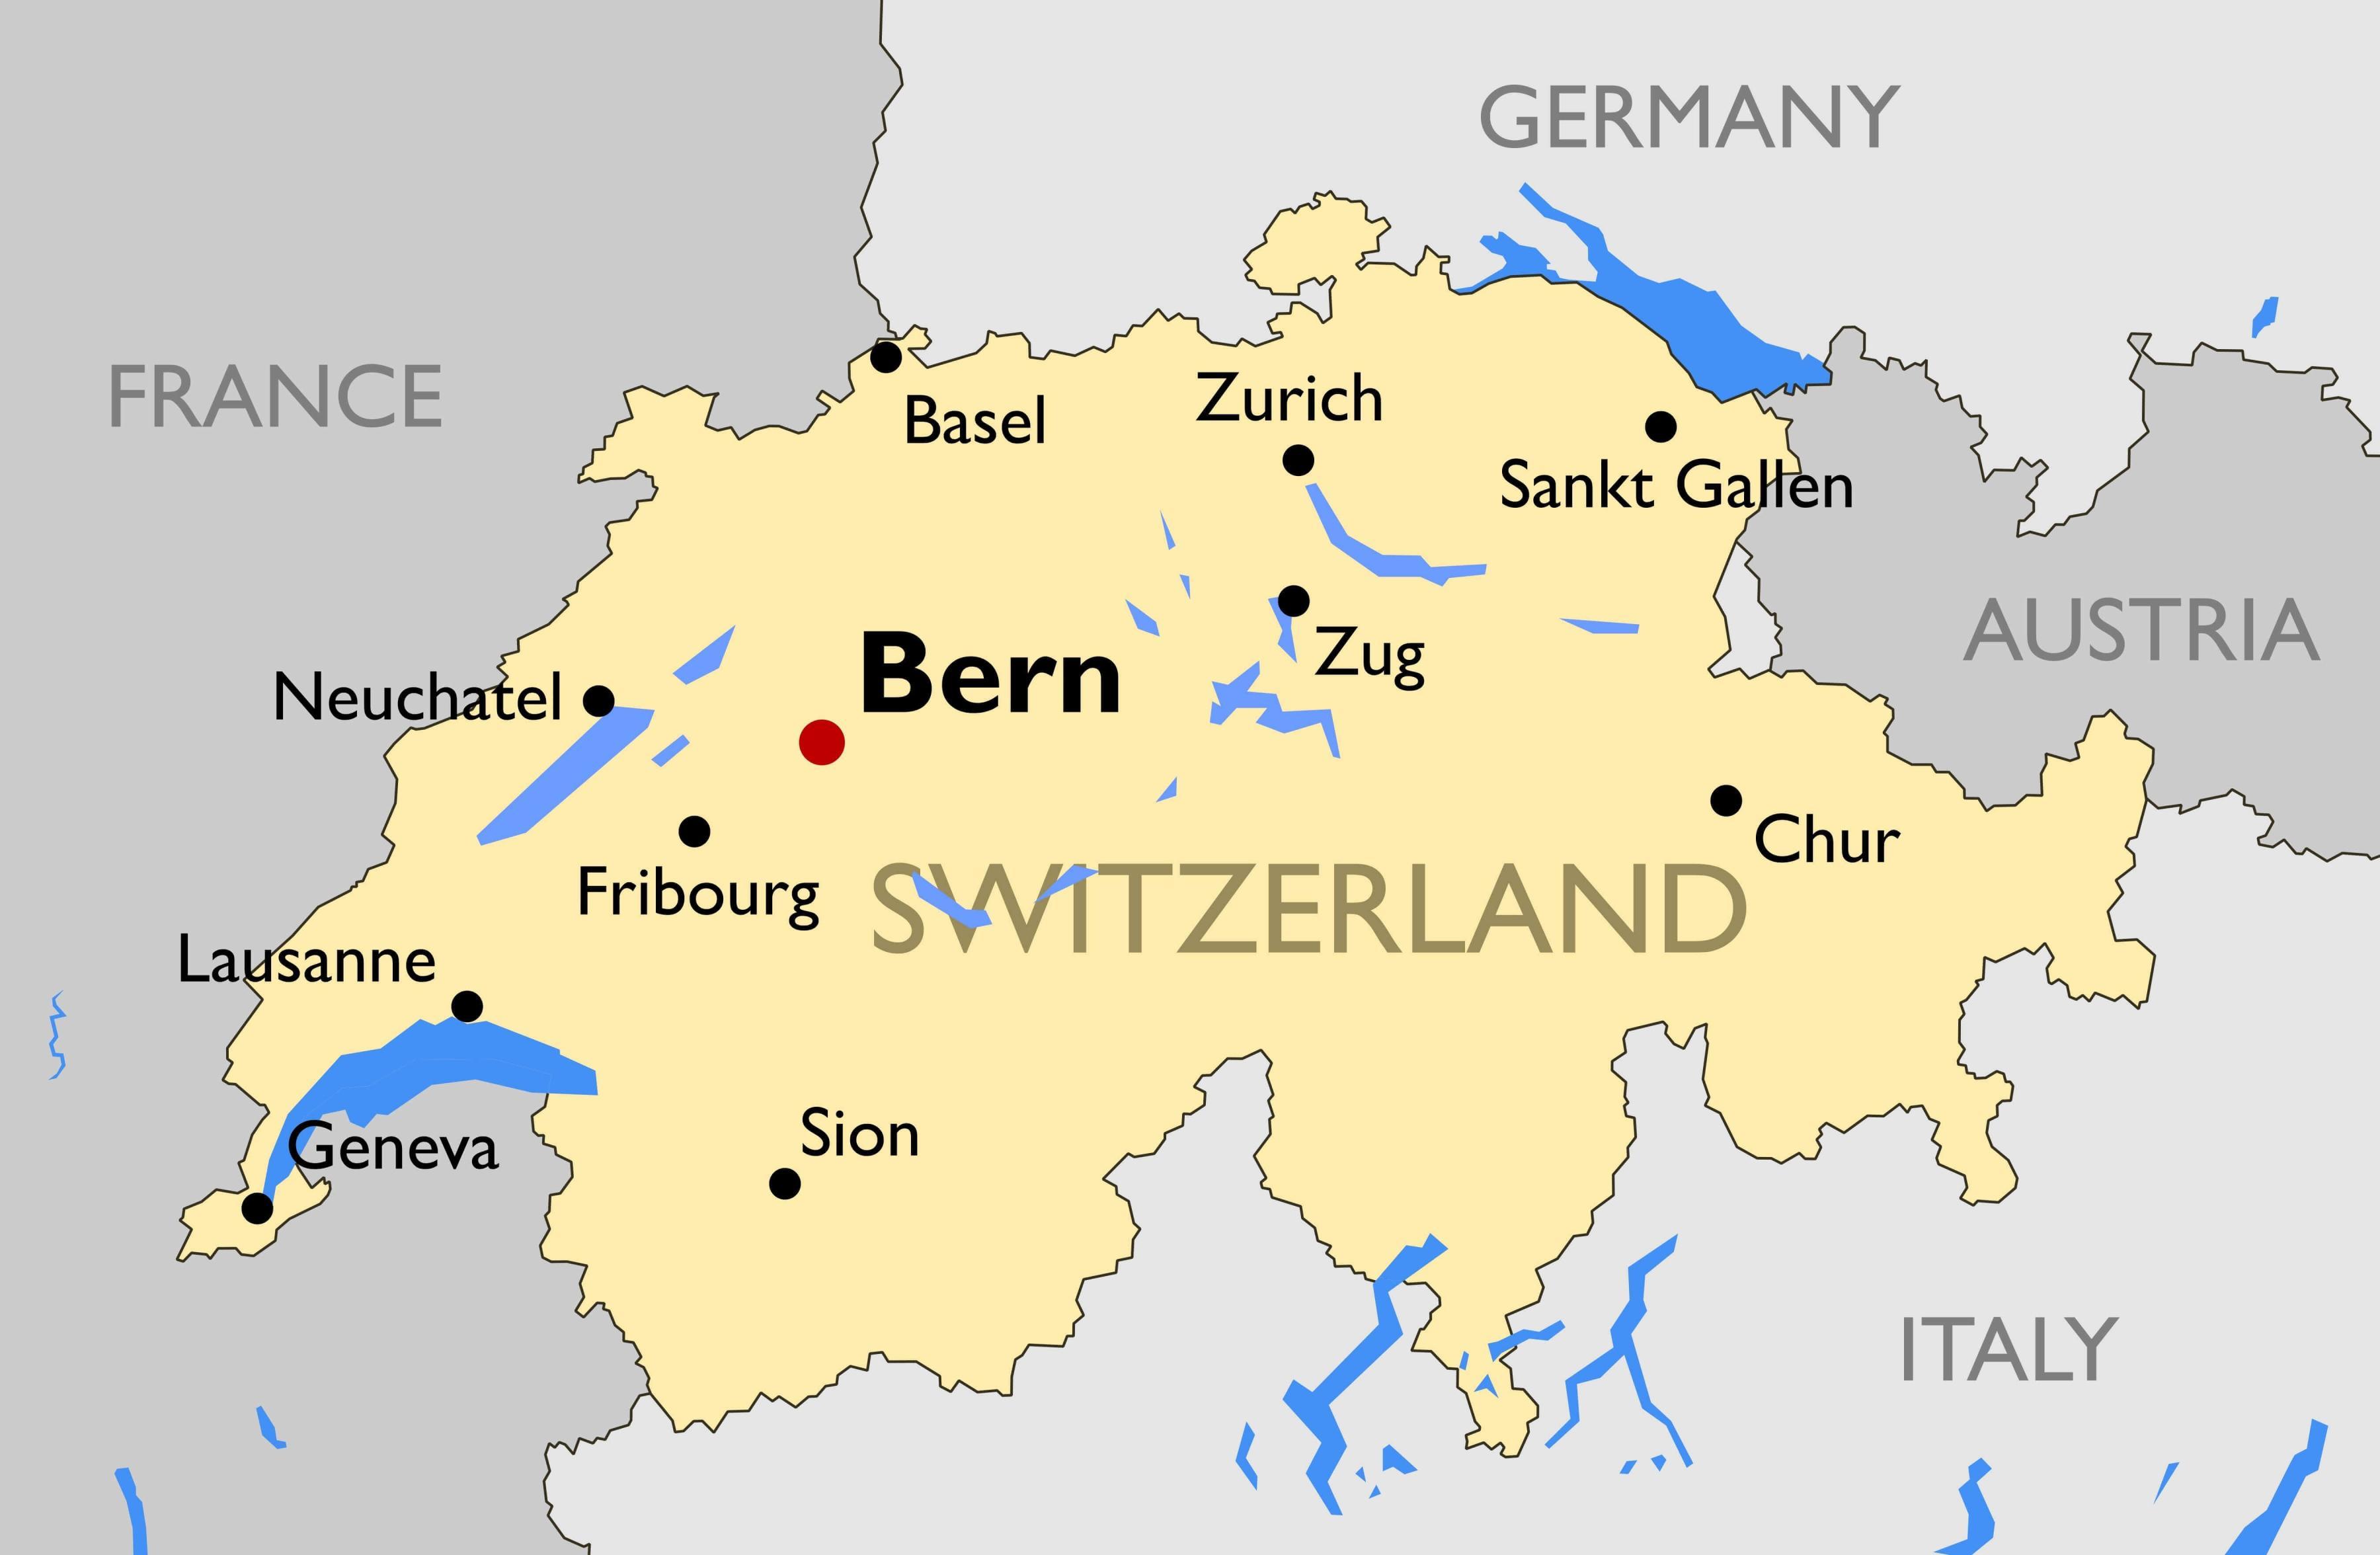 Cartina Della Svizzera.Svizzera Citta Mappa Cartina Della Svizzera Con Le